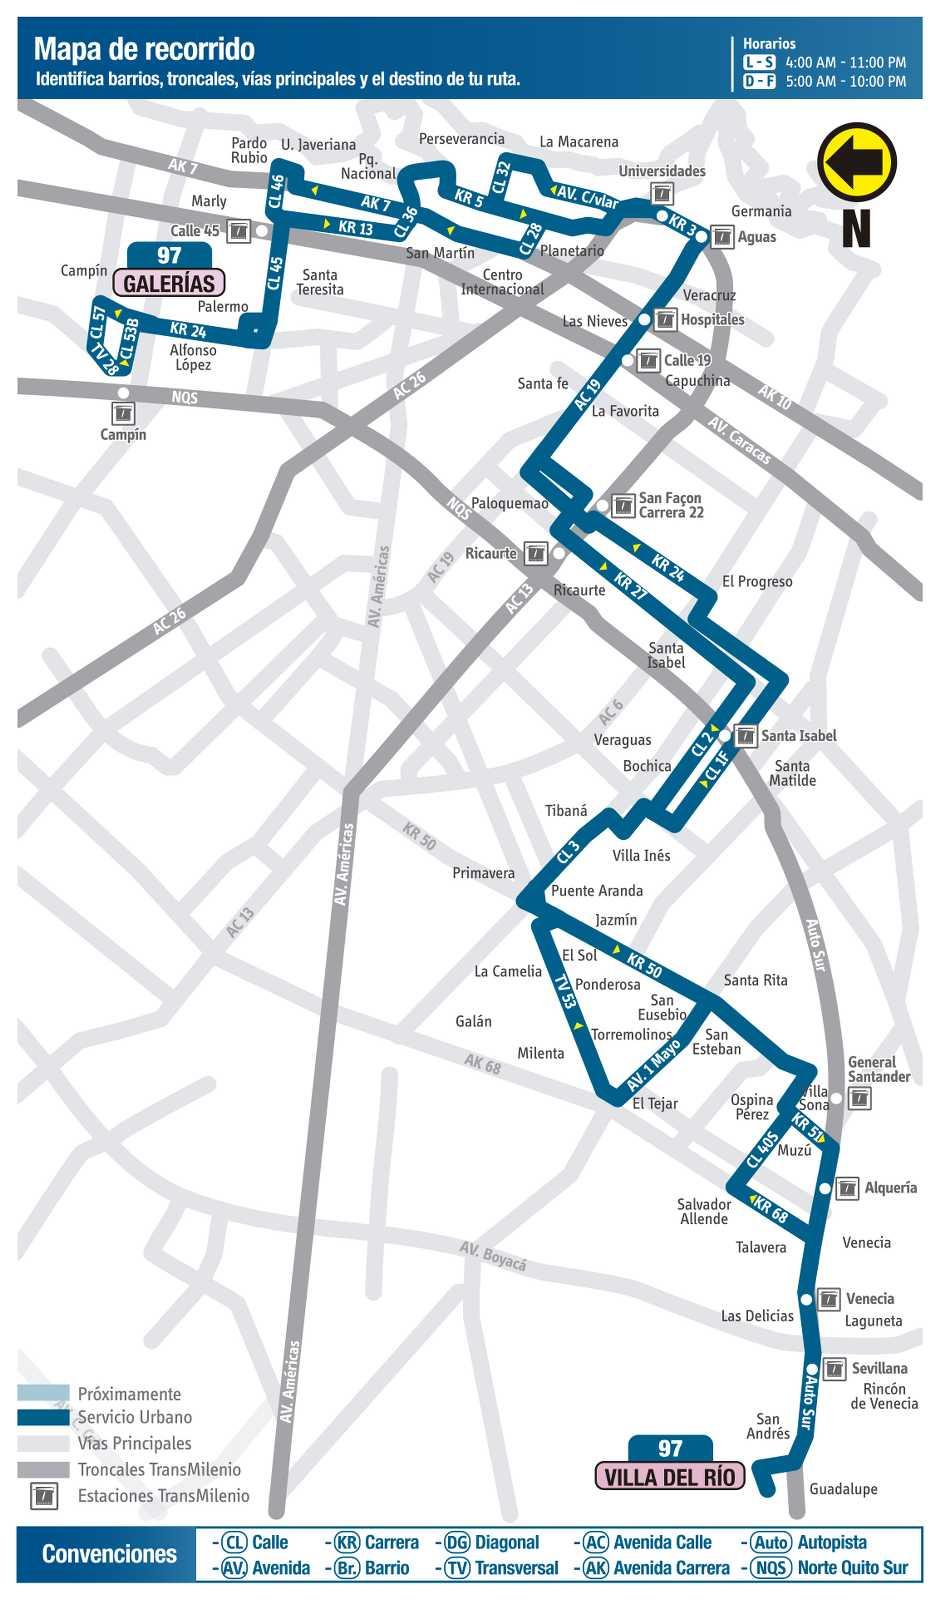 Ruta SITP: 97 Villa del Río ↔ Galerías (mapa)